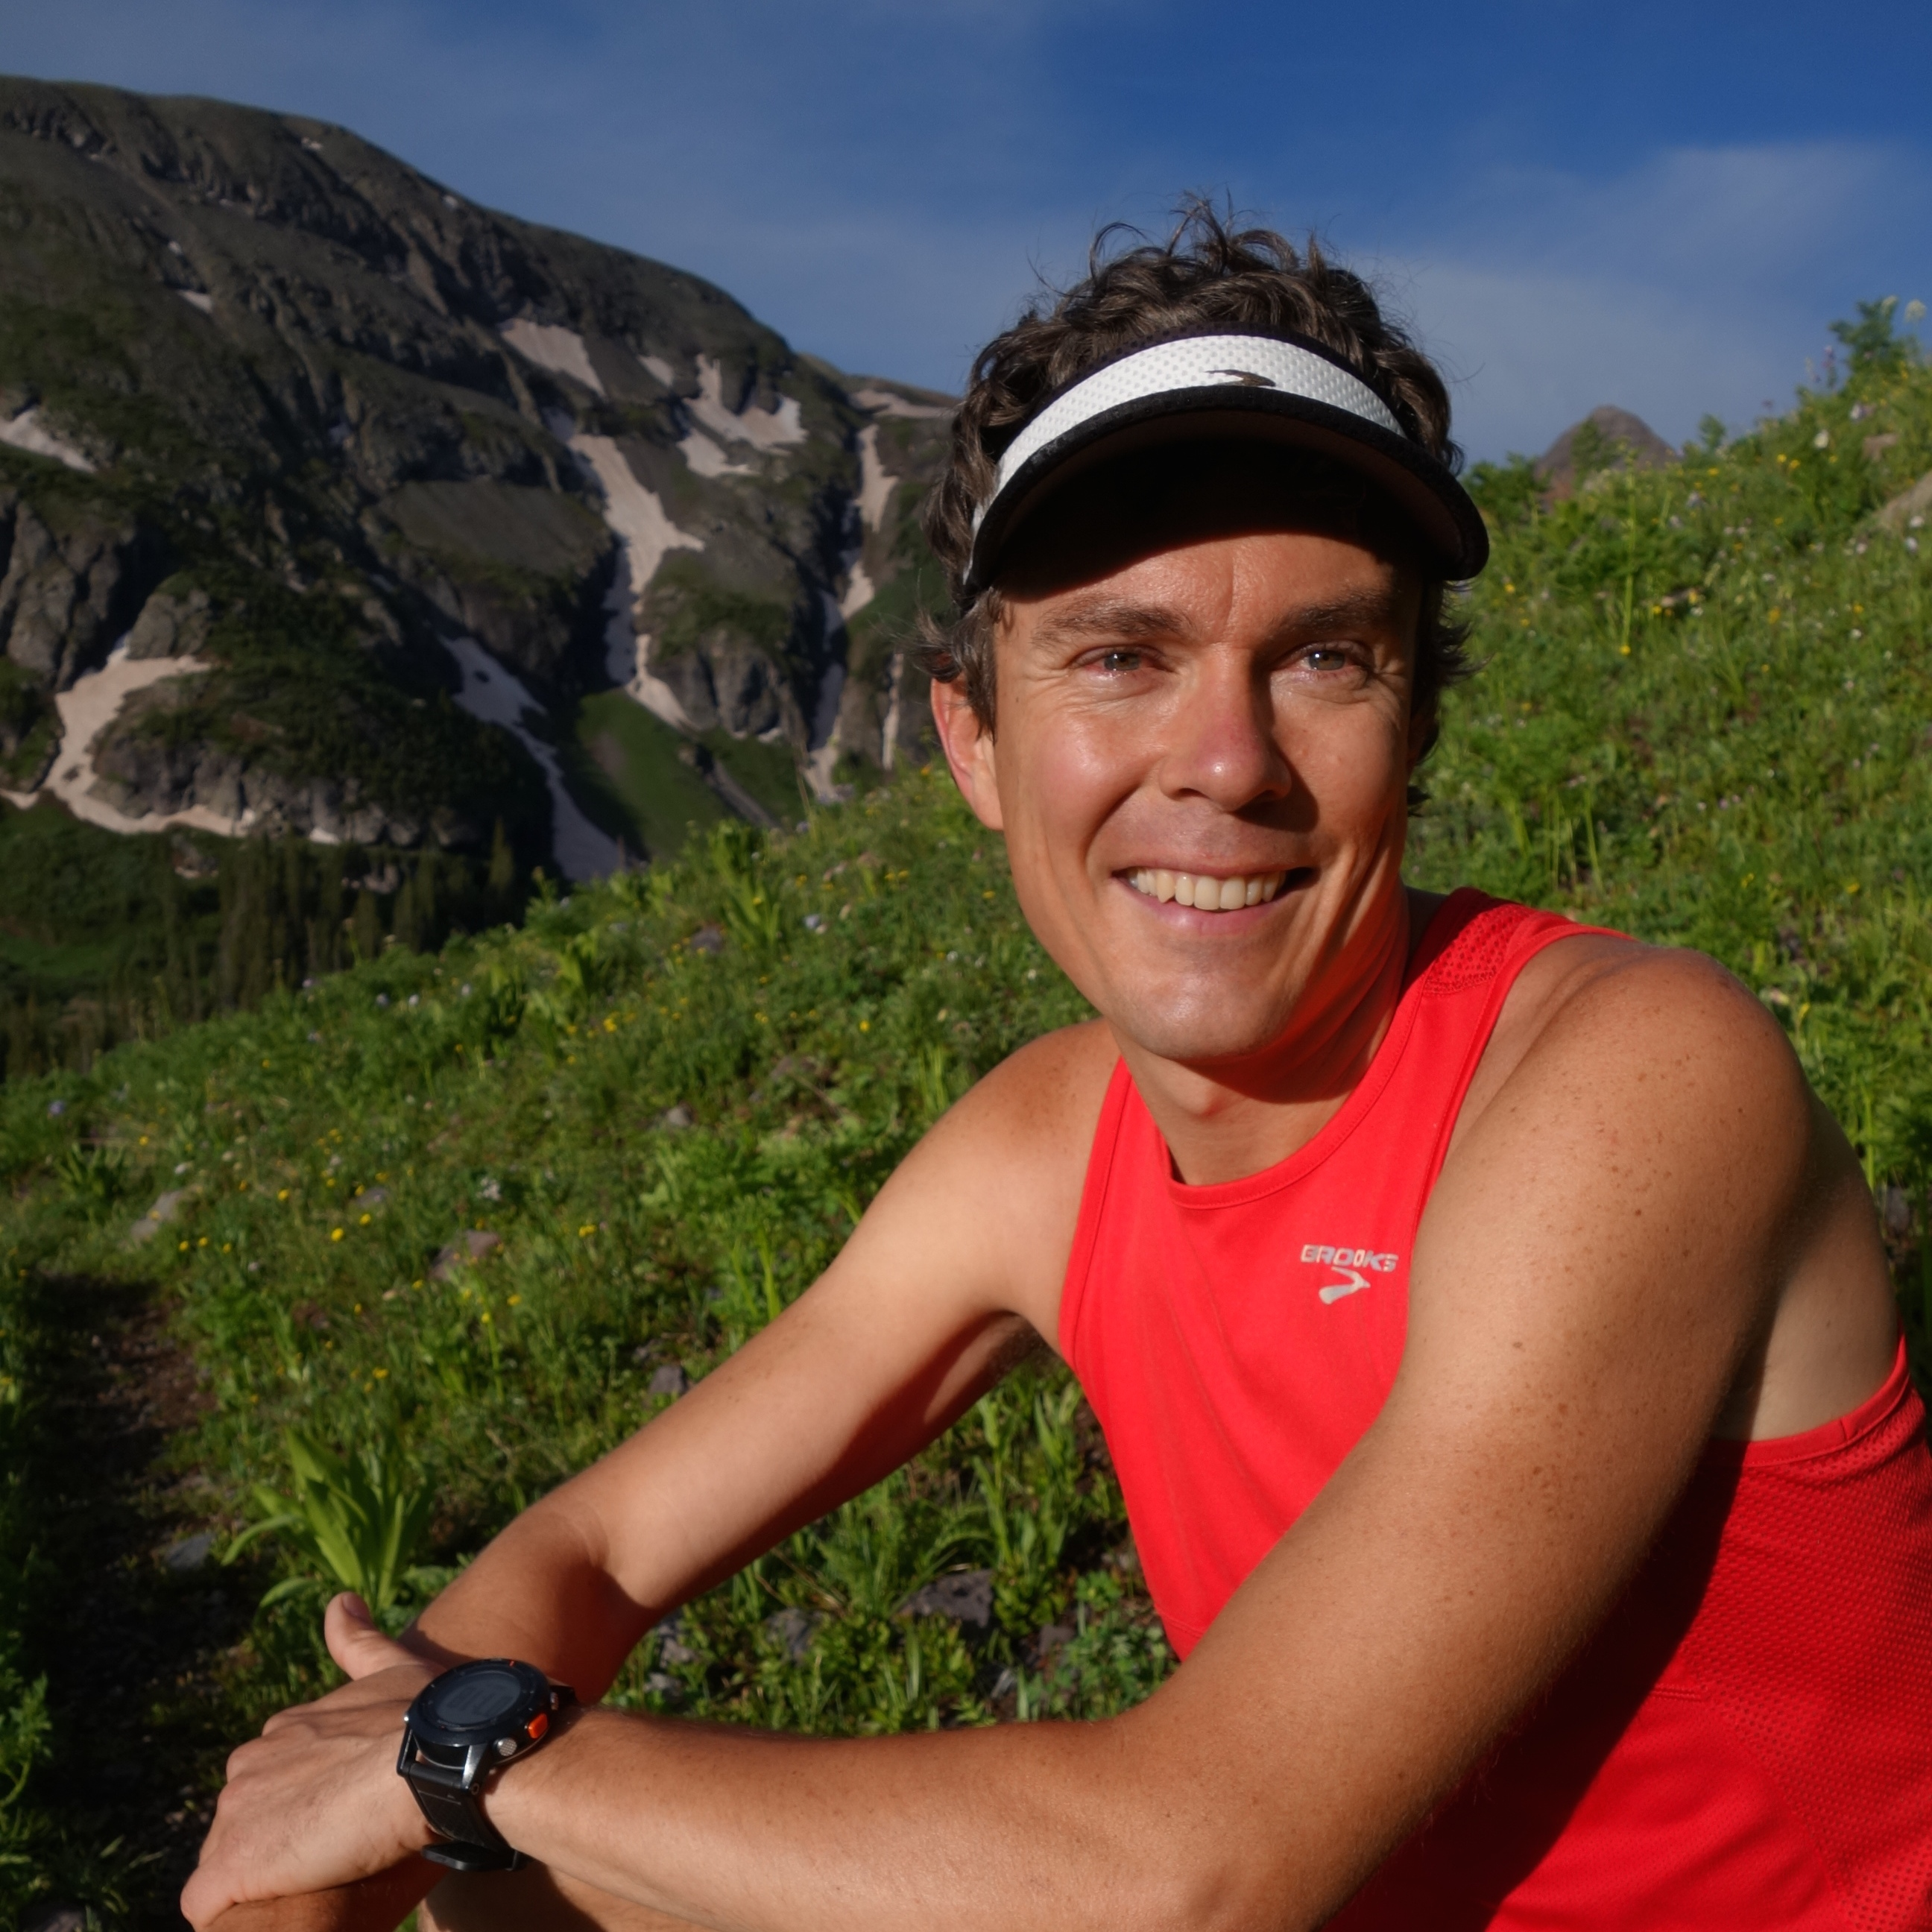 scott_jurek_ultramarathon_champion